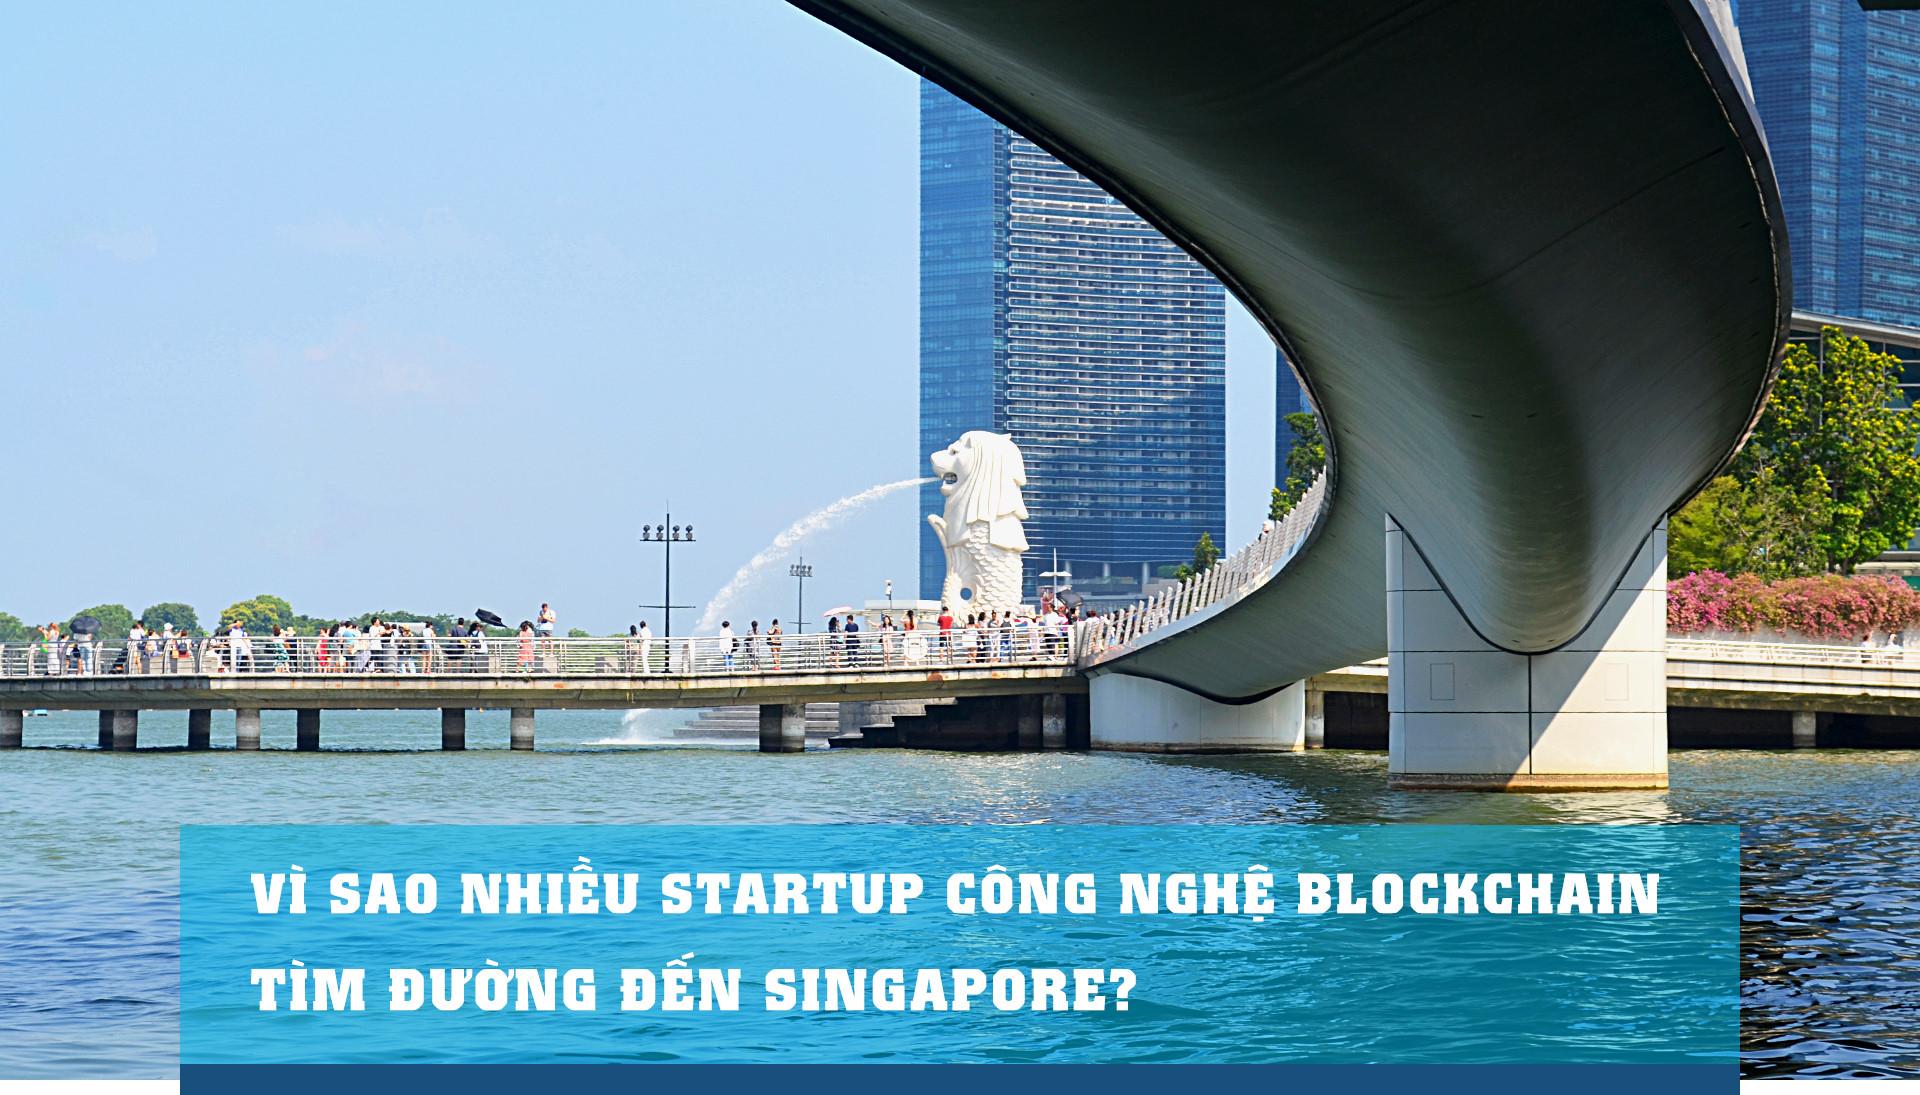 Vì sao nhiều start-up công nghệ Blockchain tìm đường đến Singapore